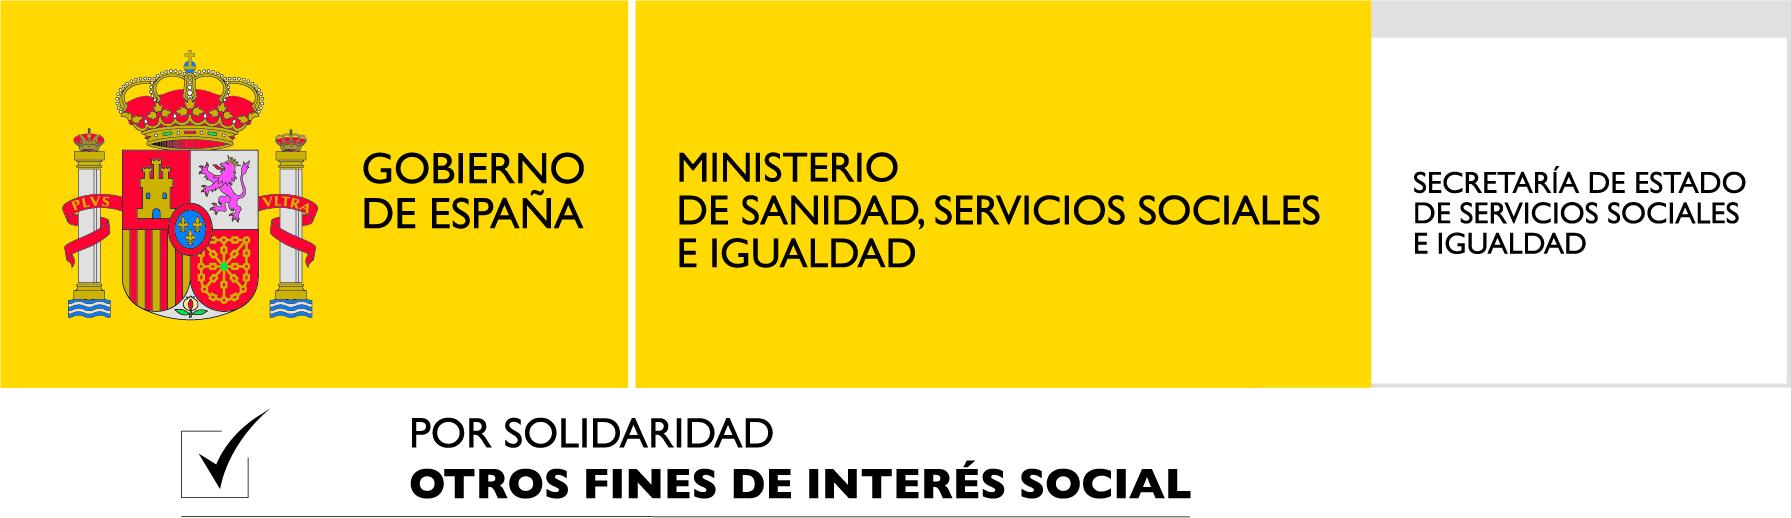 MINISITERIO DE SANIDAD, SERVICIOS SOCIALES E IGUALDAD